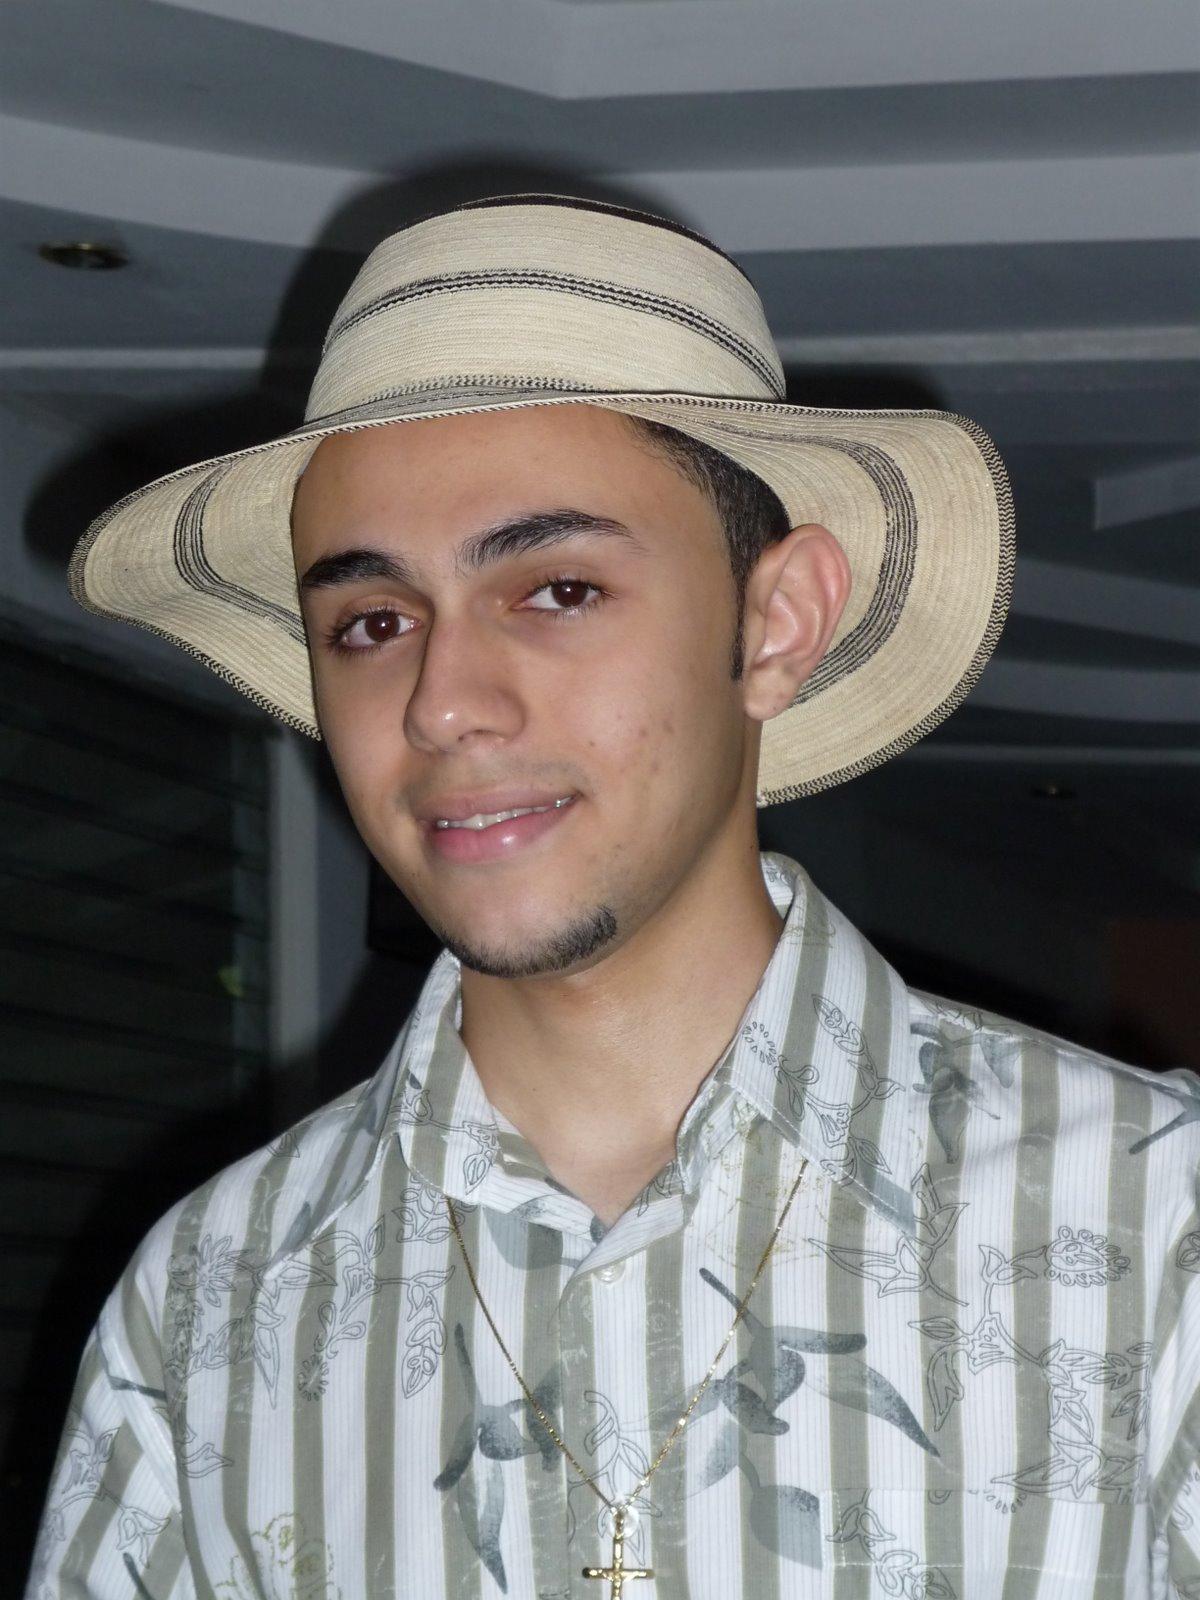 [Antonio+el+19+de+julio+de+2008.JPG]